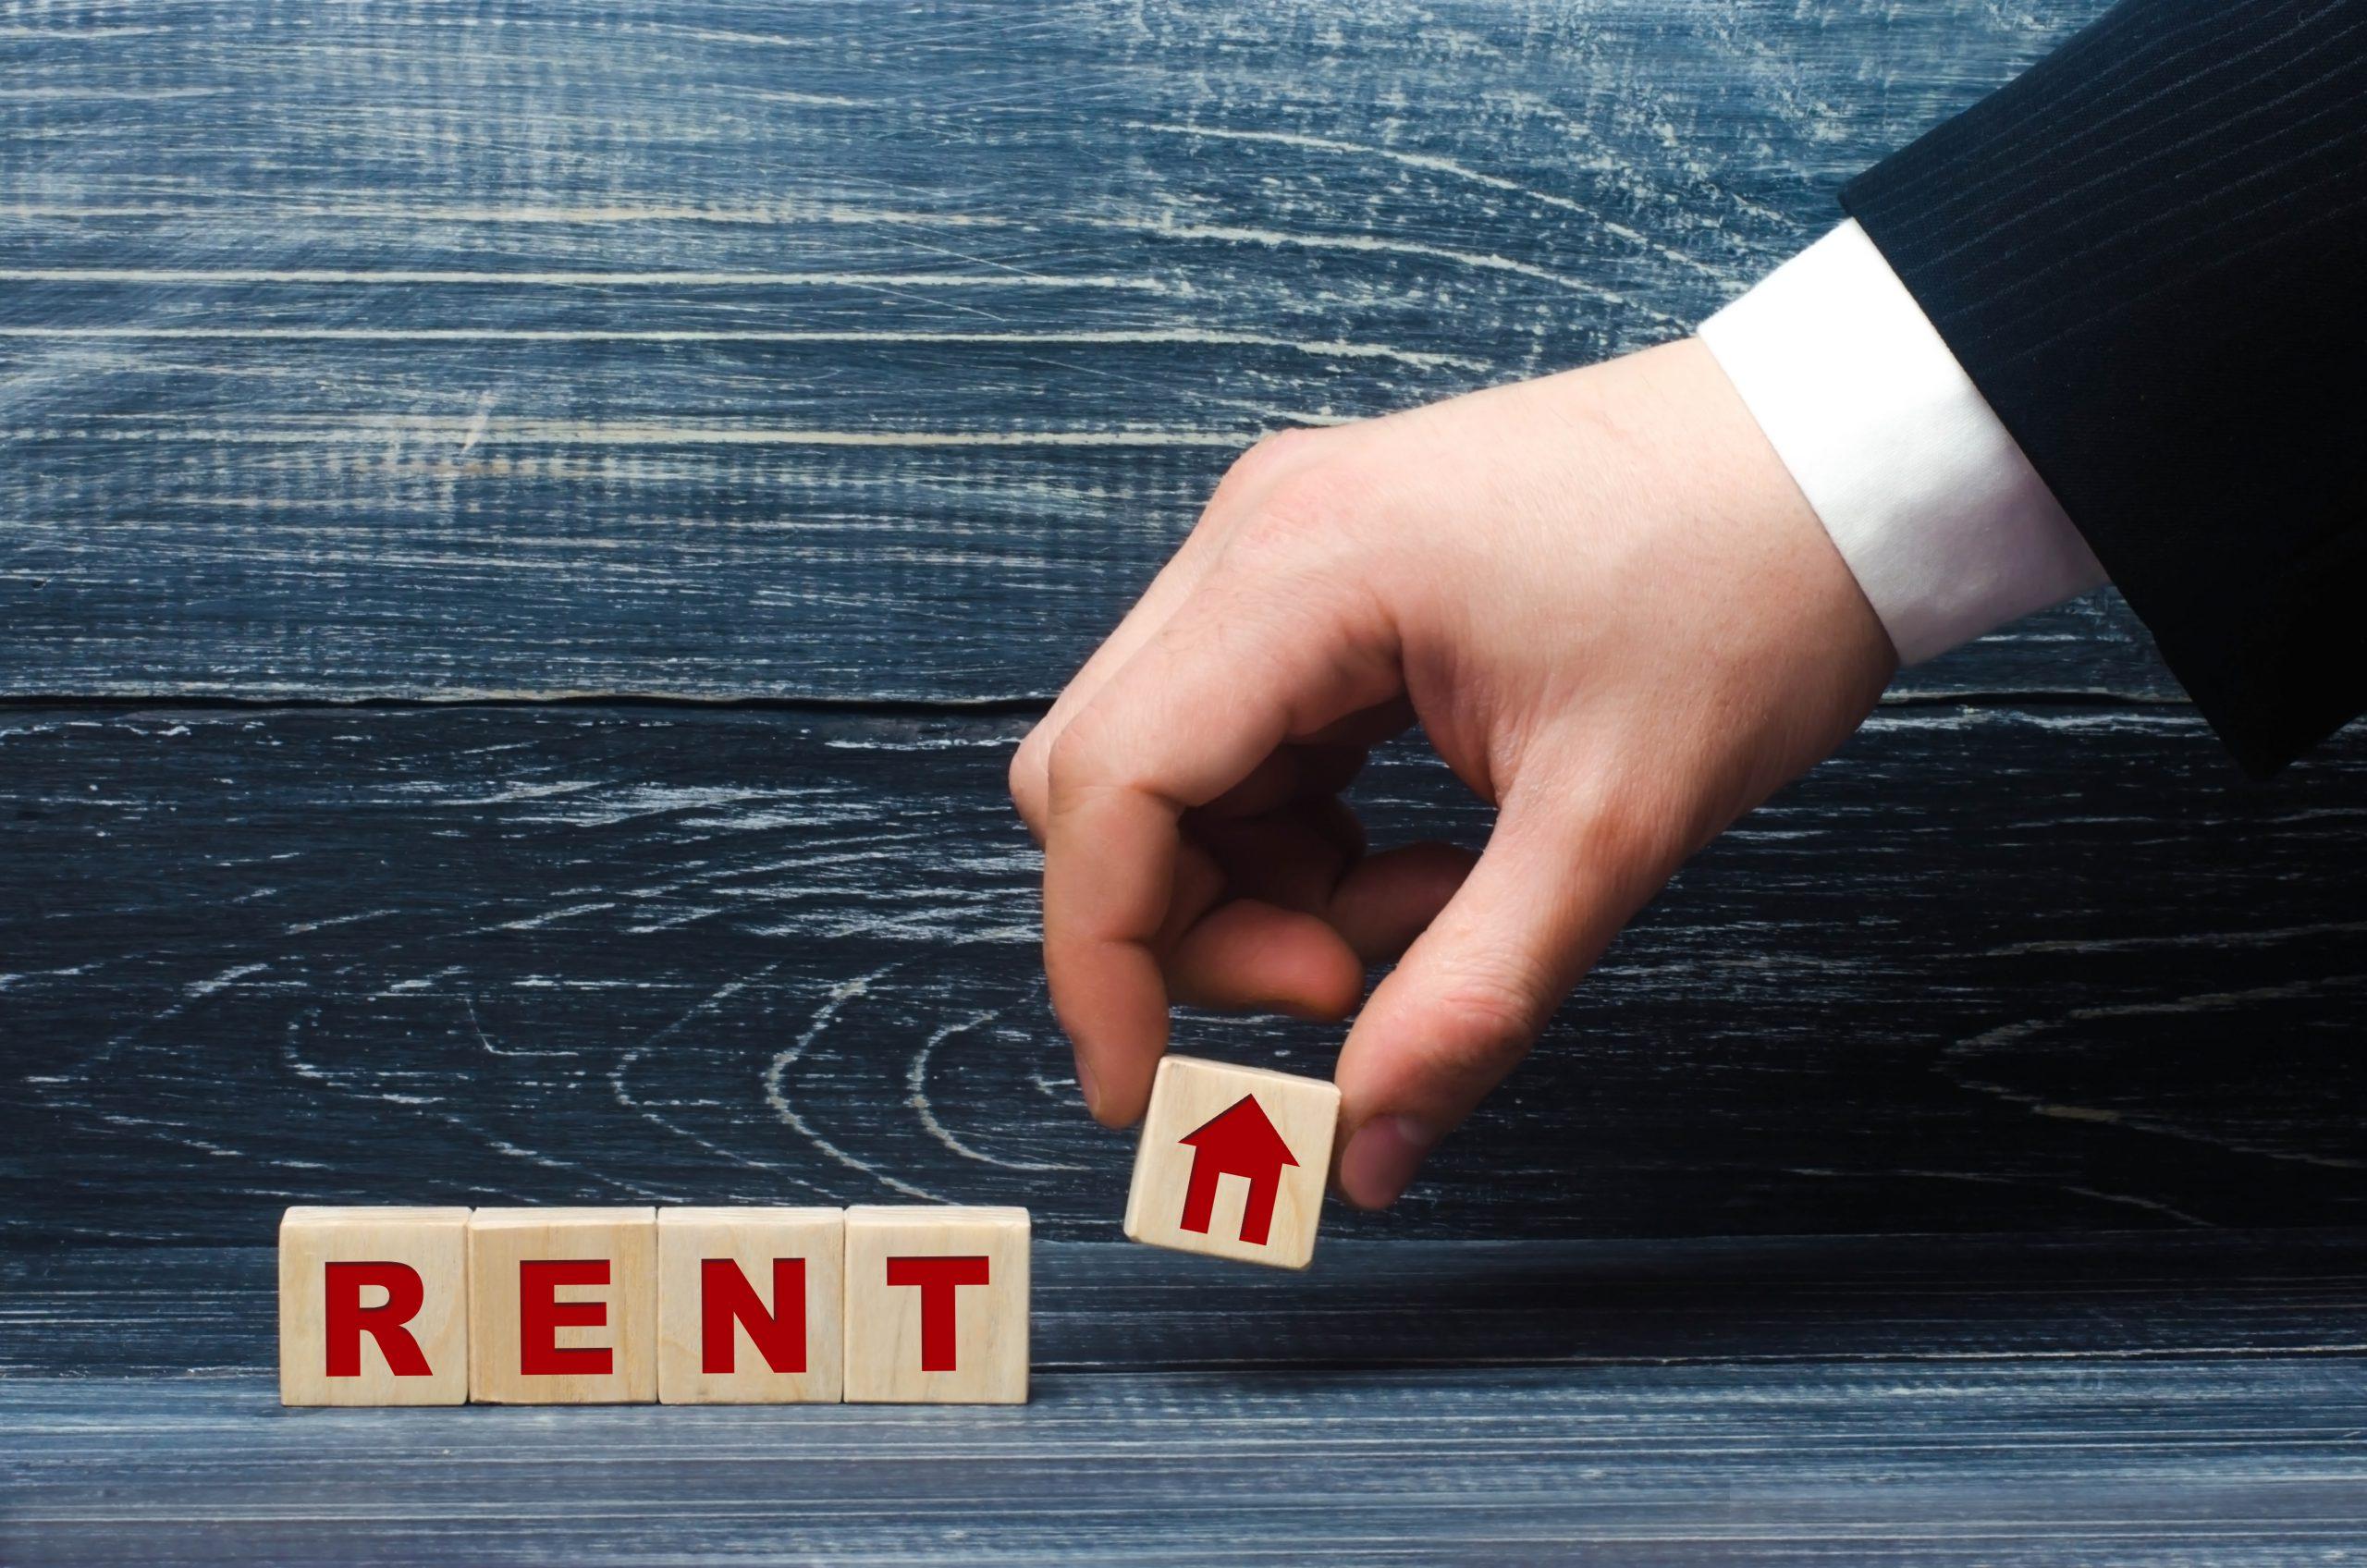 Opzegging huurovereenkomst bedrijfsruimte bij renovatie?